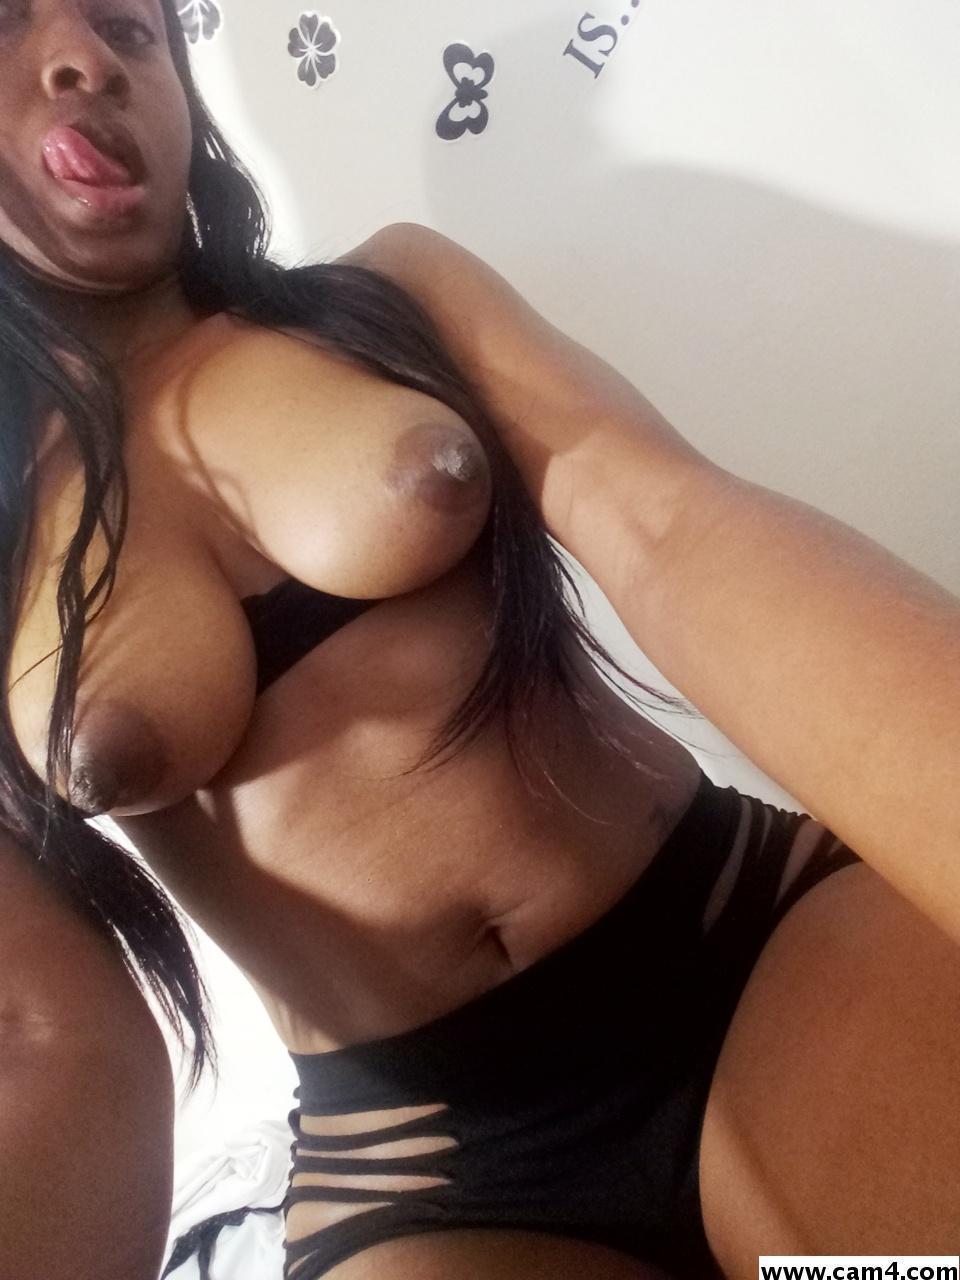 sexylady8830 photo 12910526